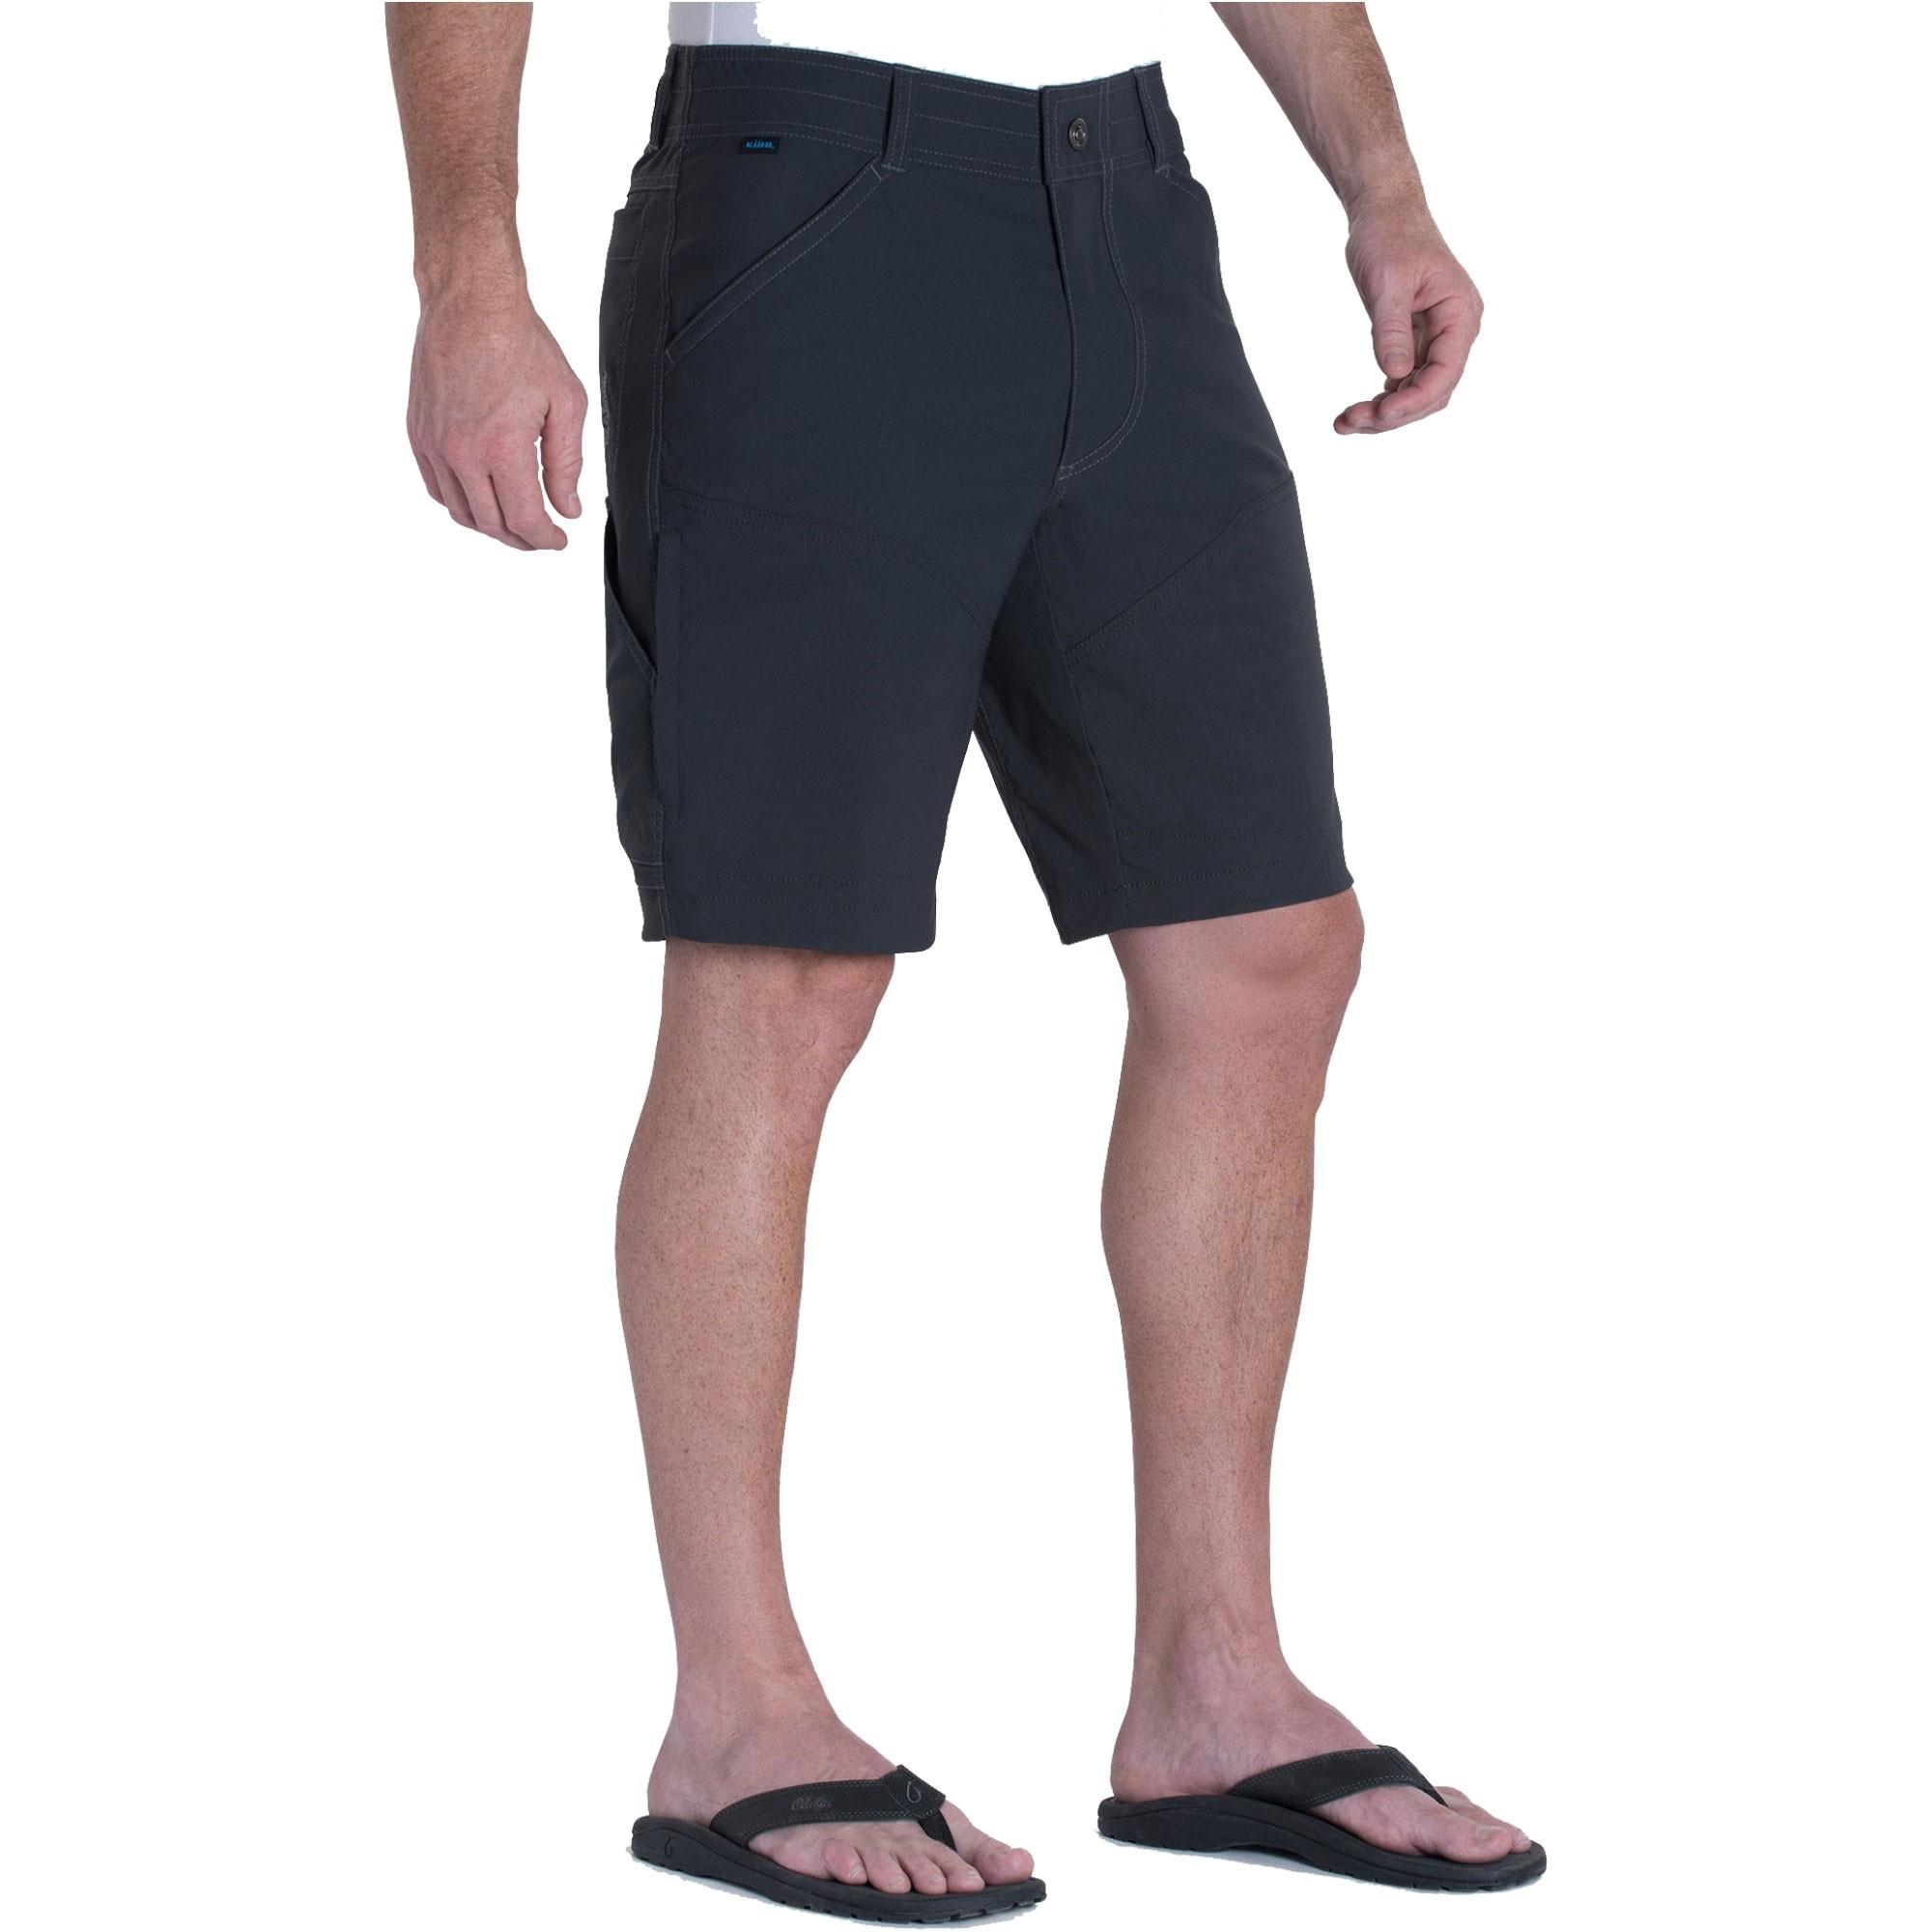 Kuhl Renegade Shorts - Koal